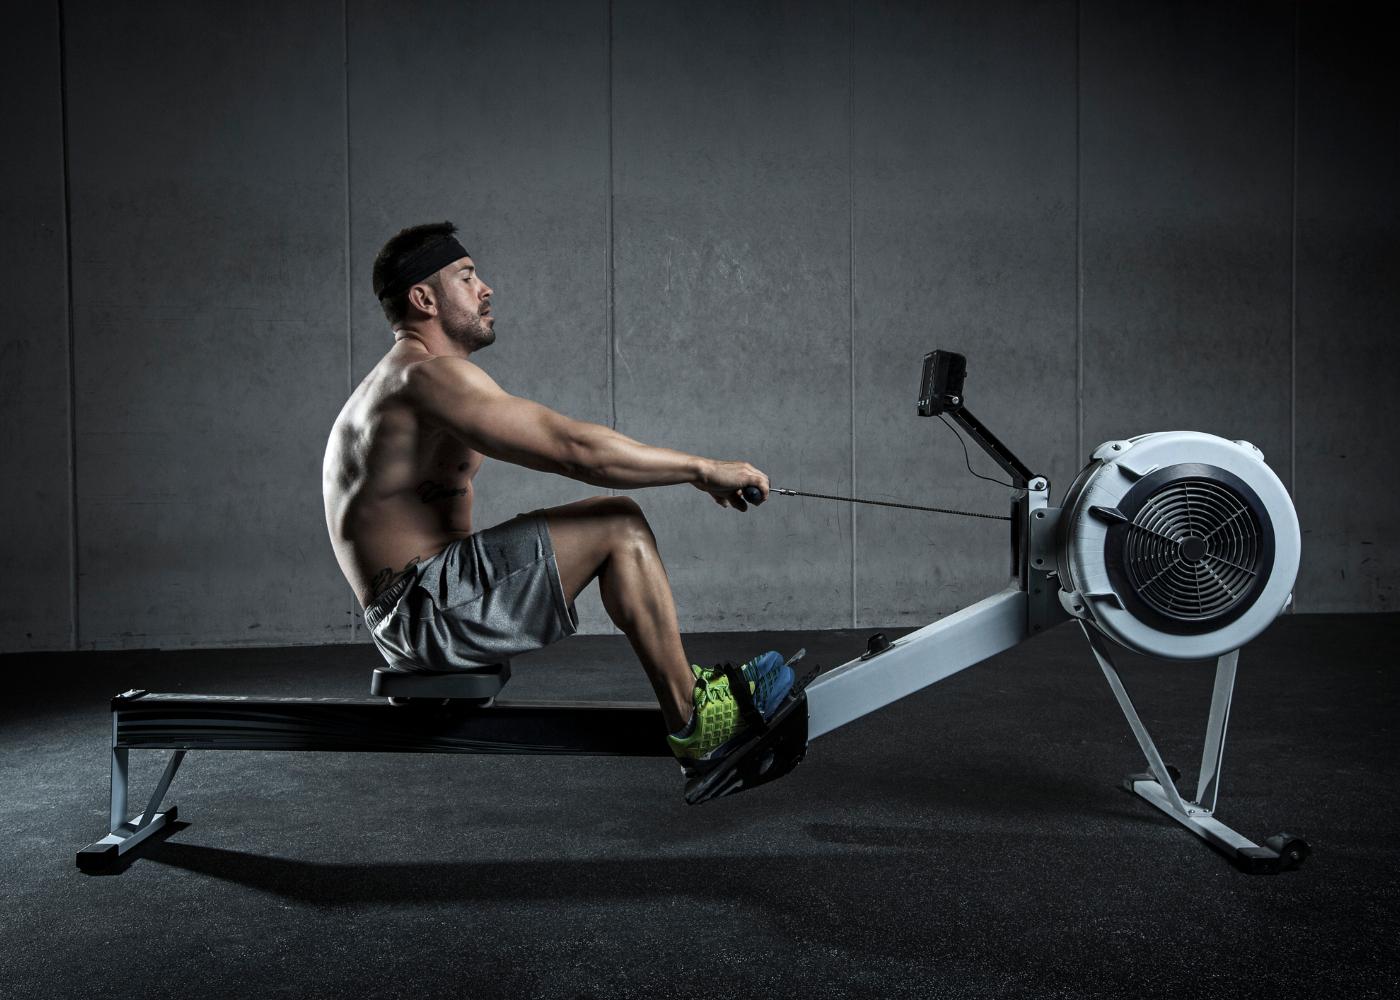 exercicios de crossfit para emagrecer homem em remo